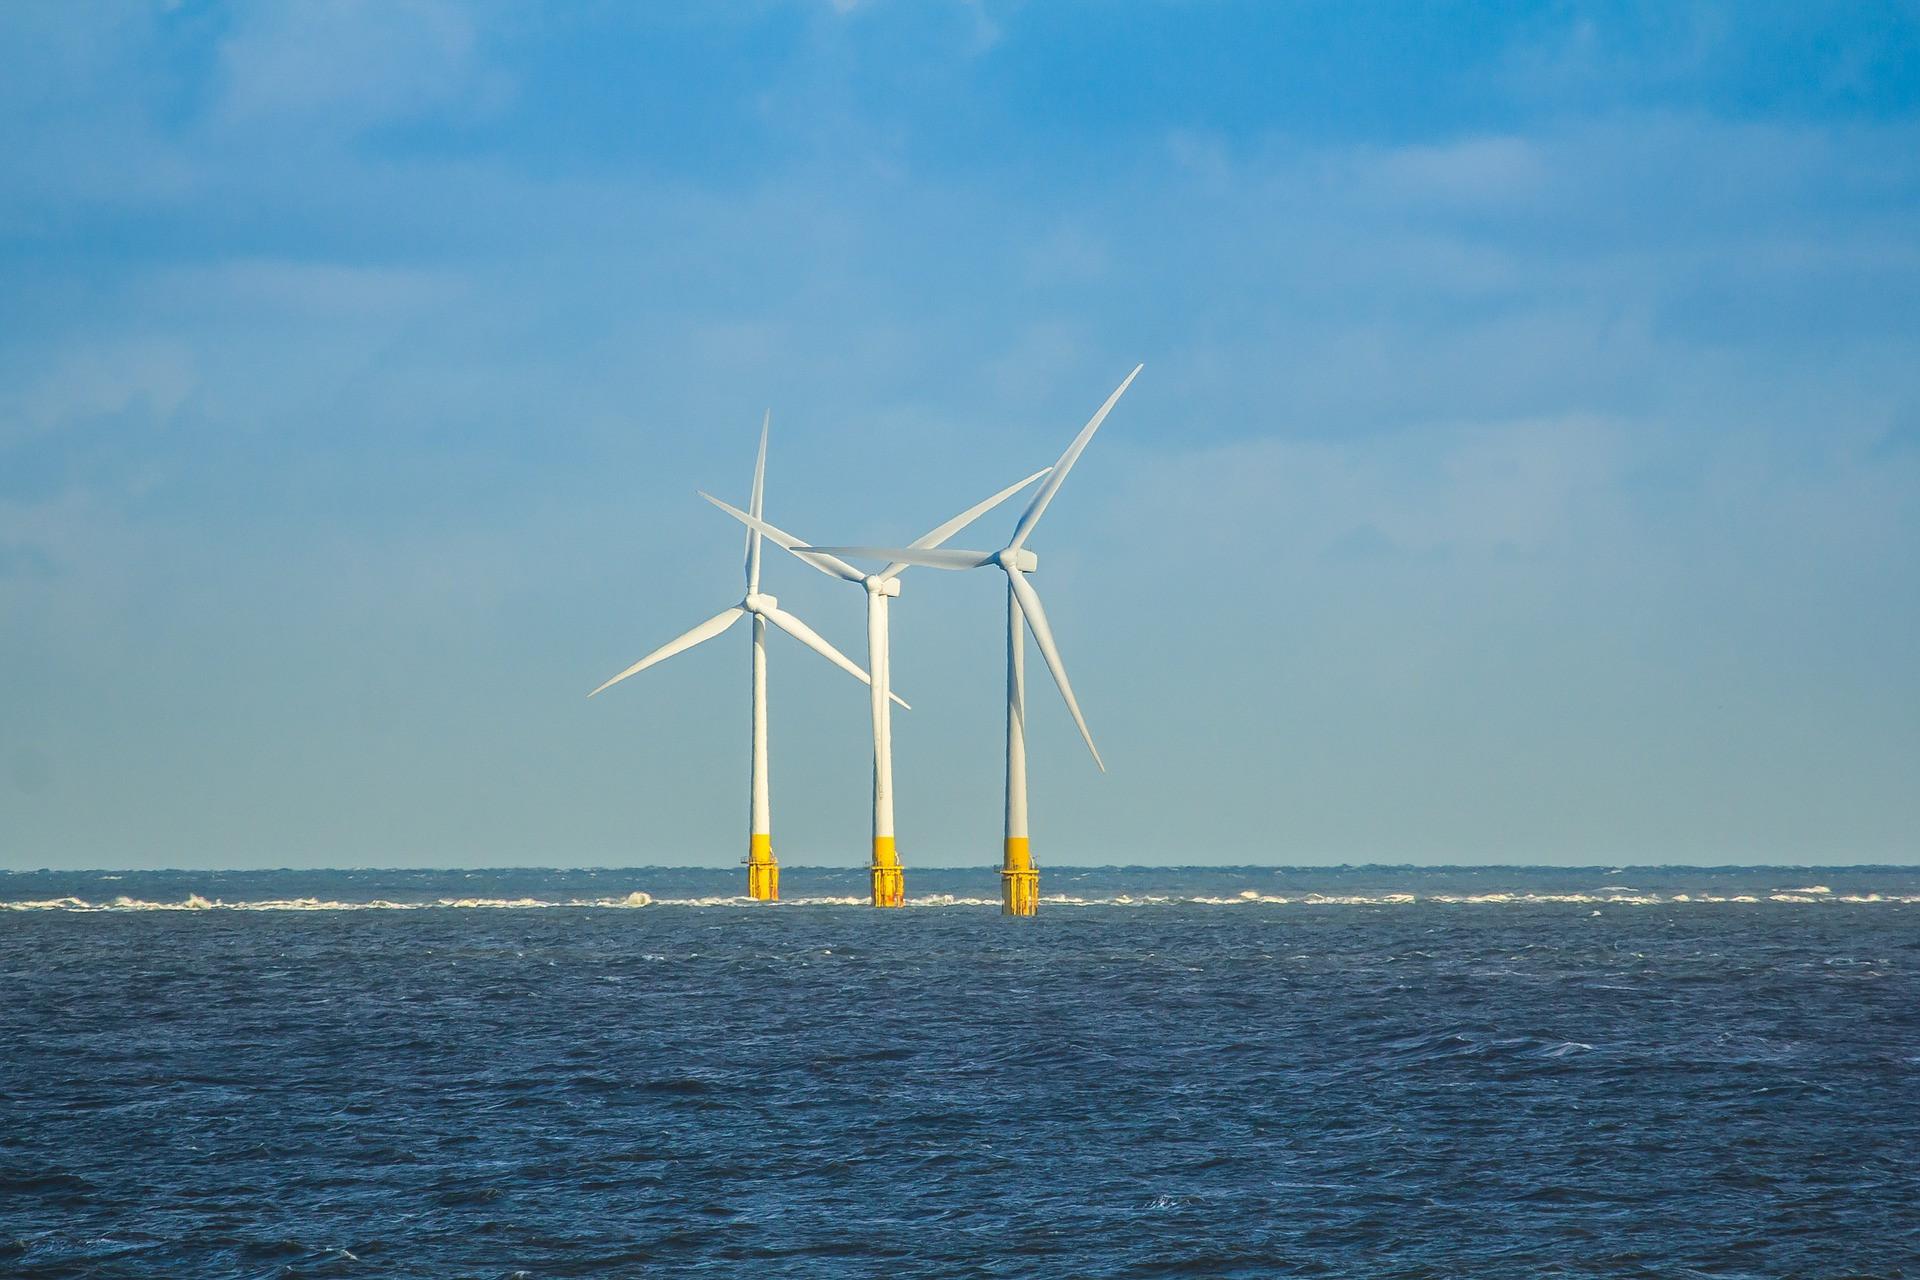 wind-turbines-1391742_1920.jpg